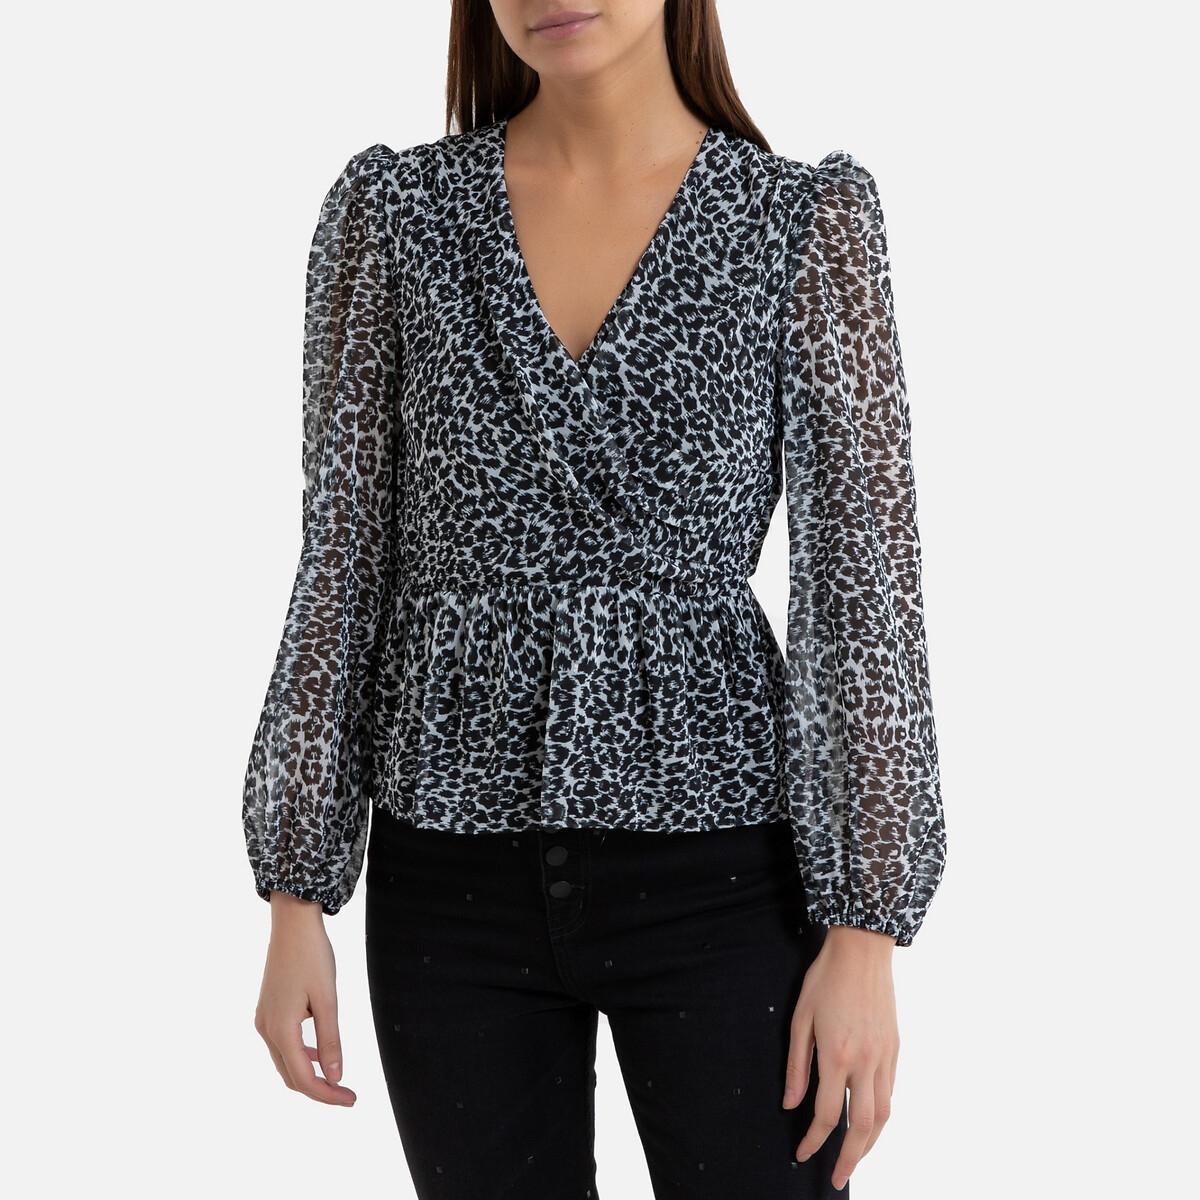 Blusa con motivo leopardo y escote de pico, de manga larga